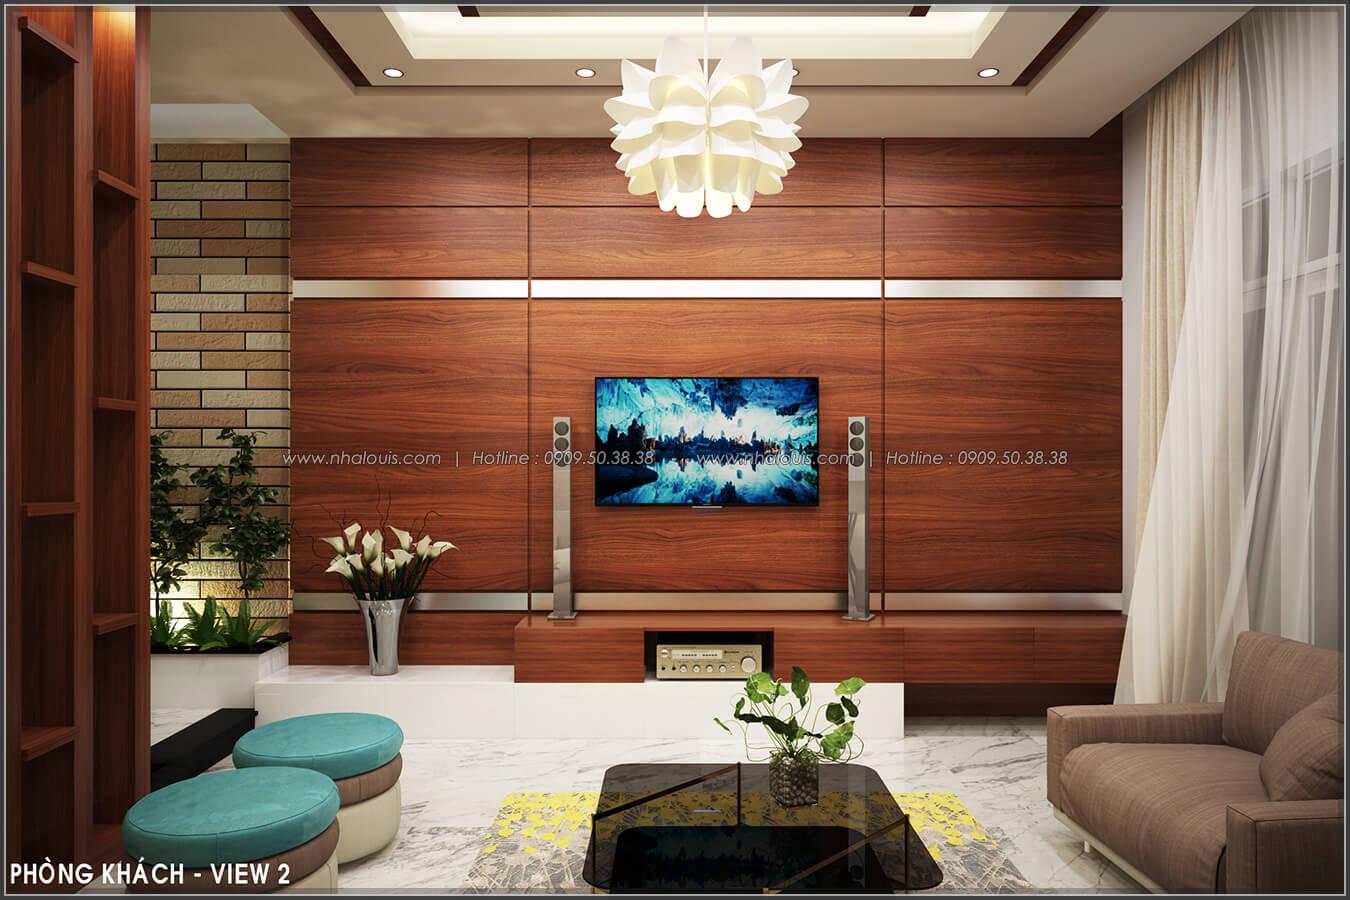 Phòng khách Thiết kế nội thất nhà phố đẹp tone gỗ ấm áp và sang trọng quận Tân Bình - 5